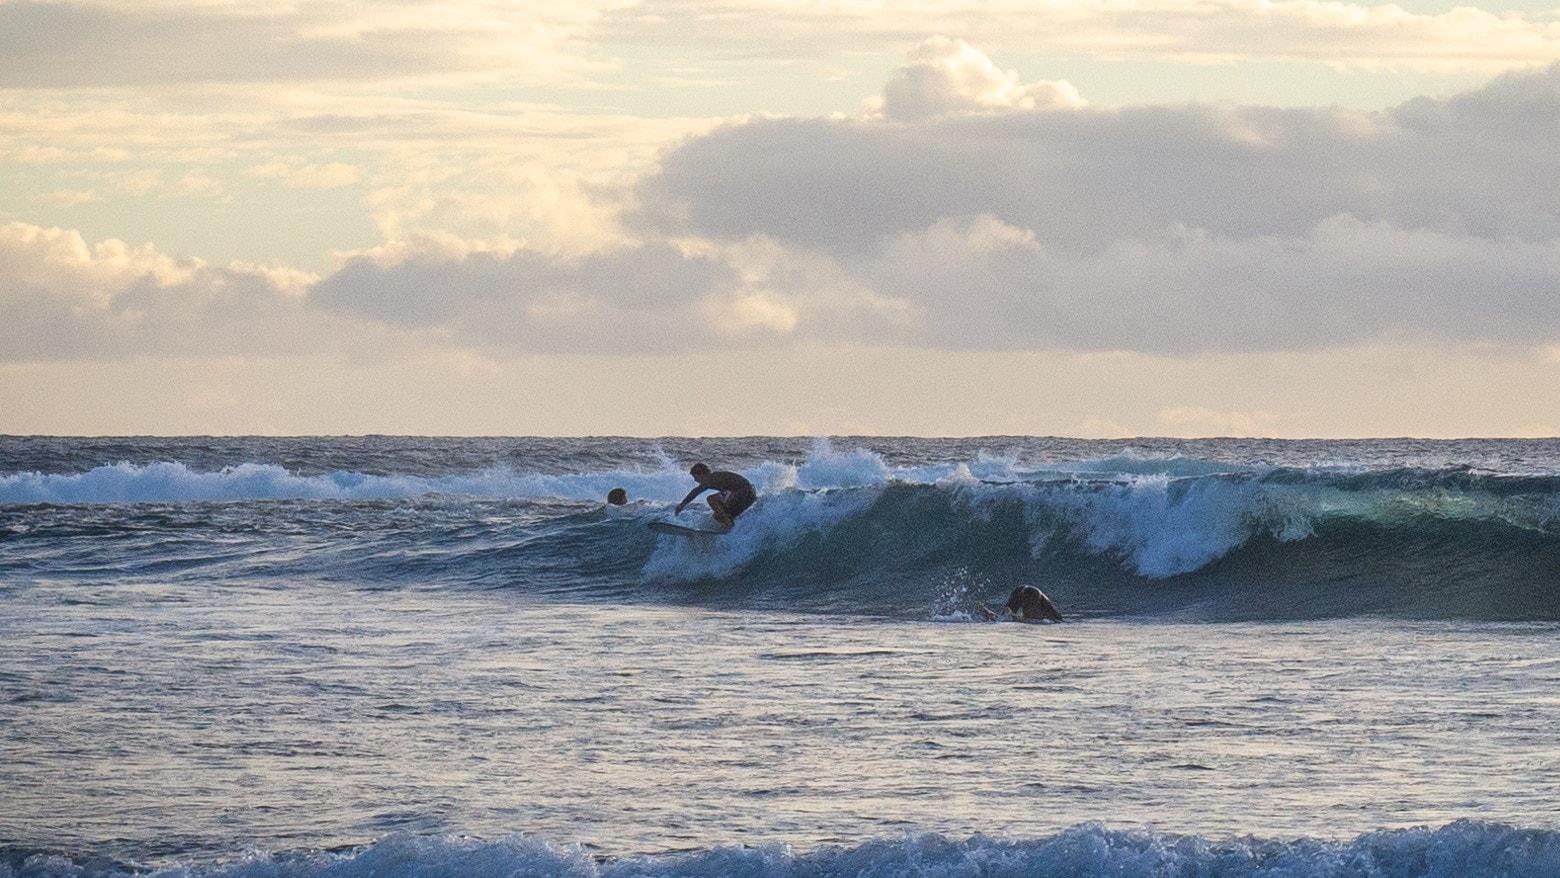 plage étang salé Réunion quelques surfeurs